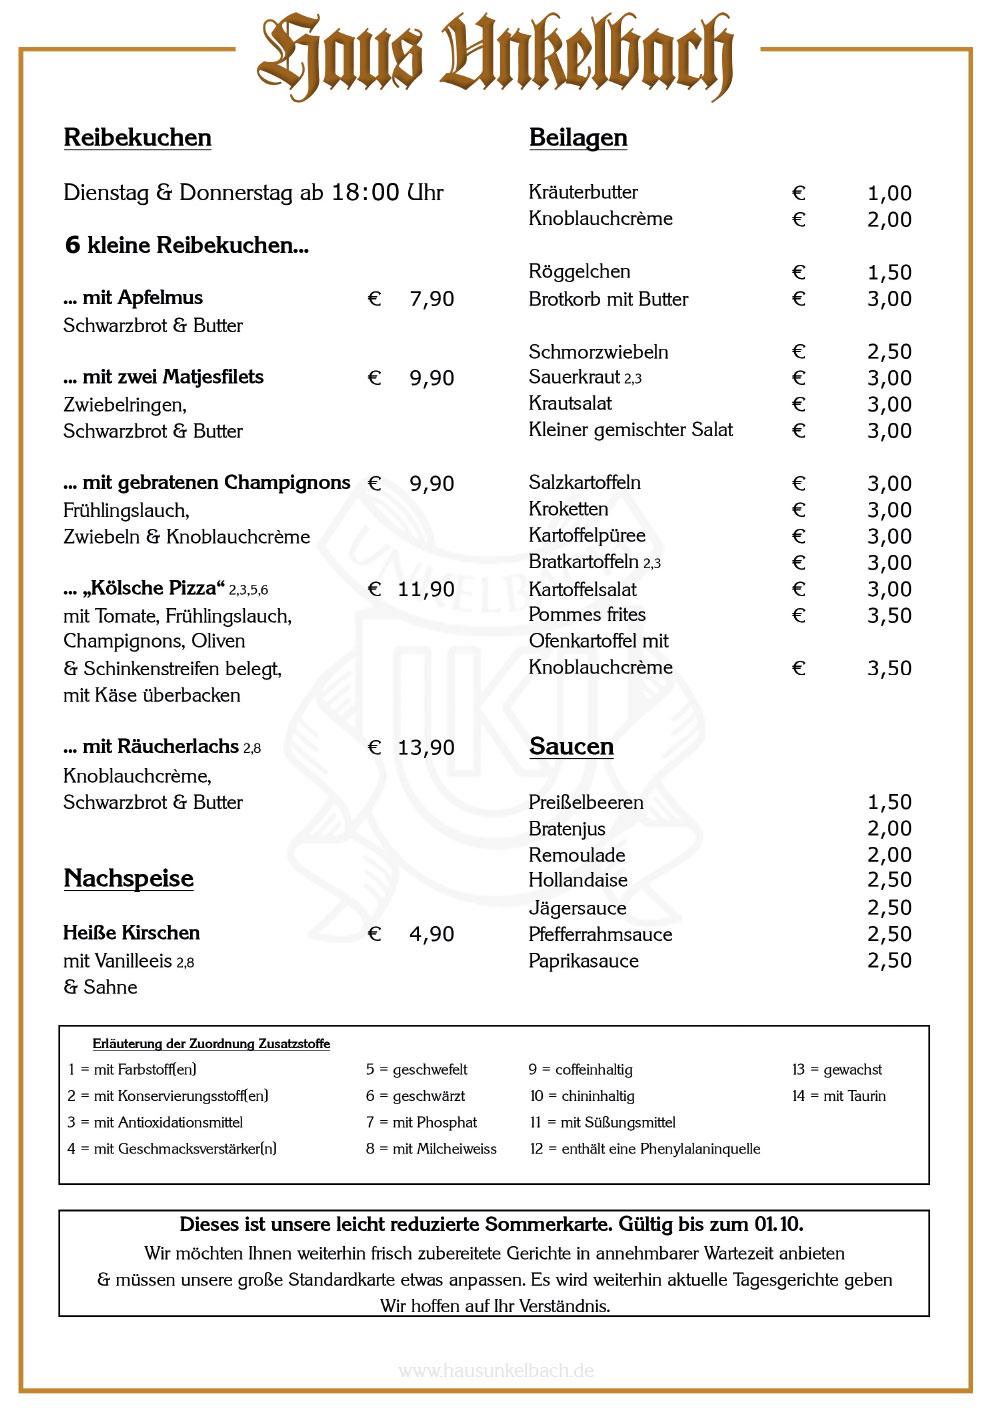 Haus Unkelbach Sommerkarte